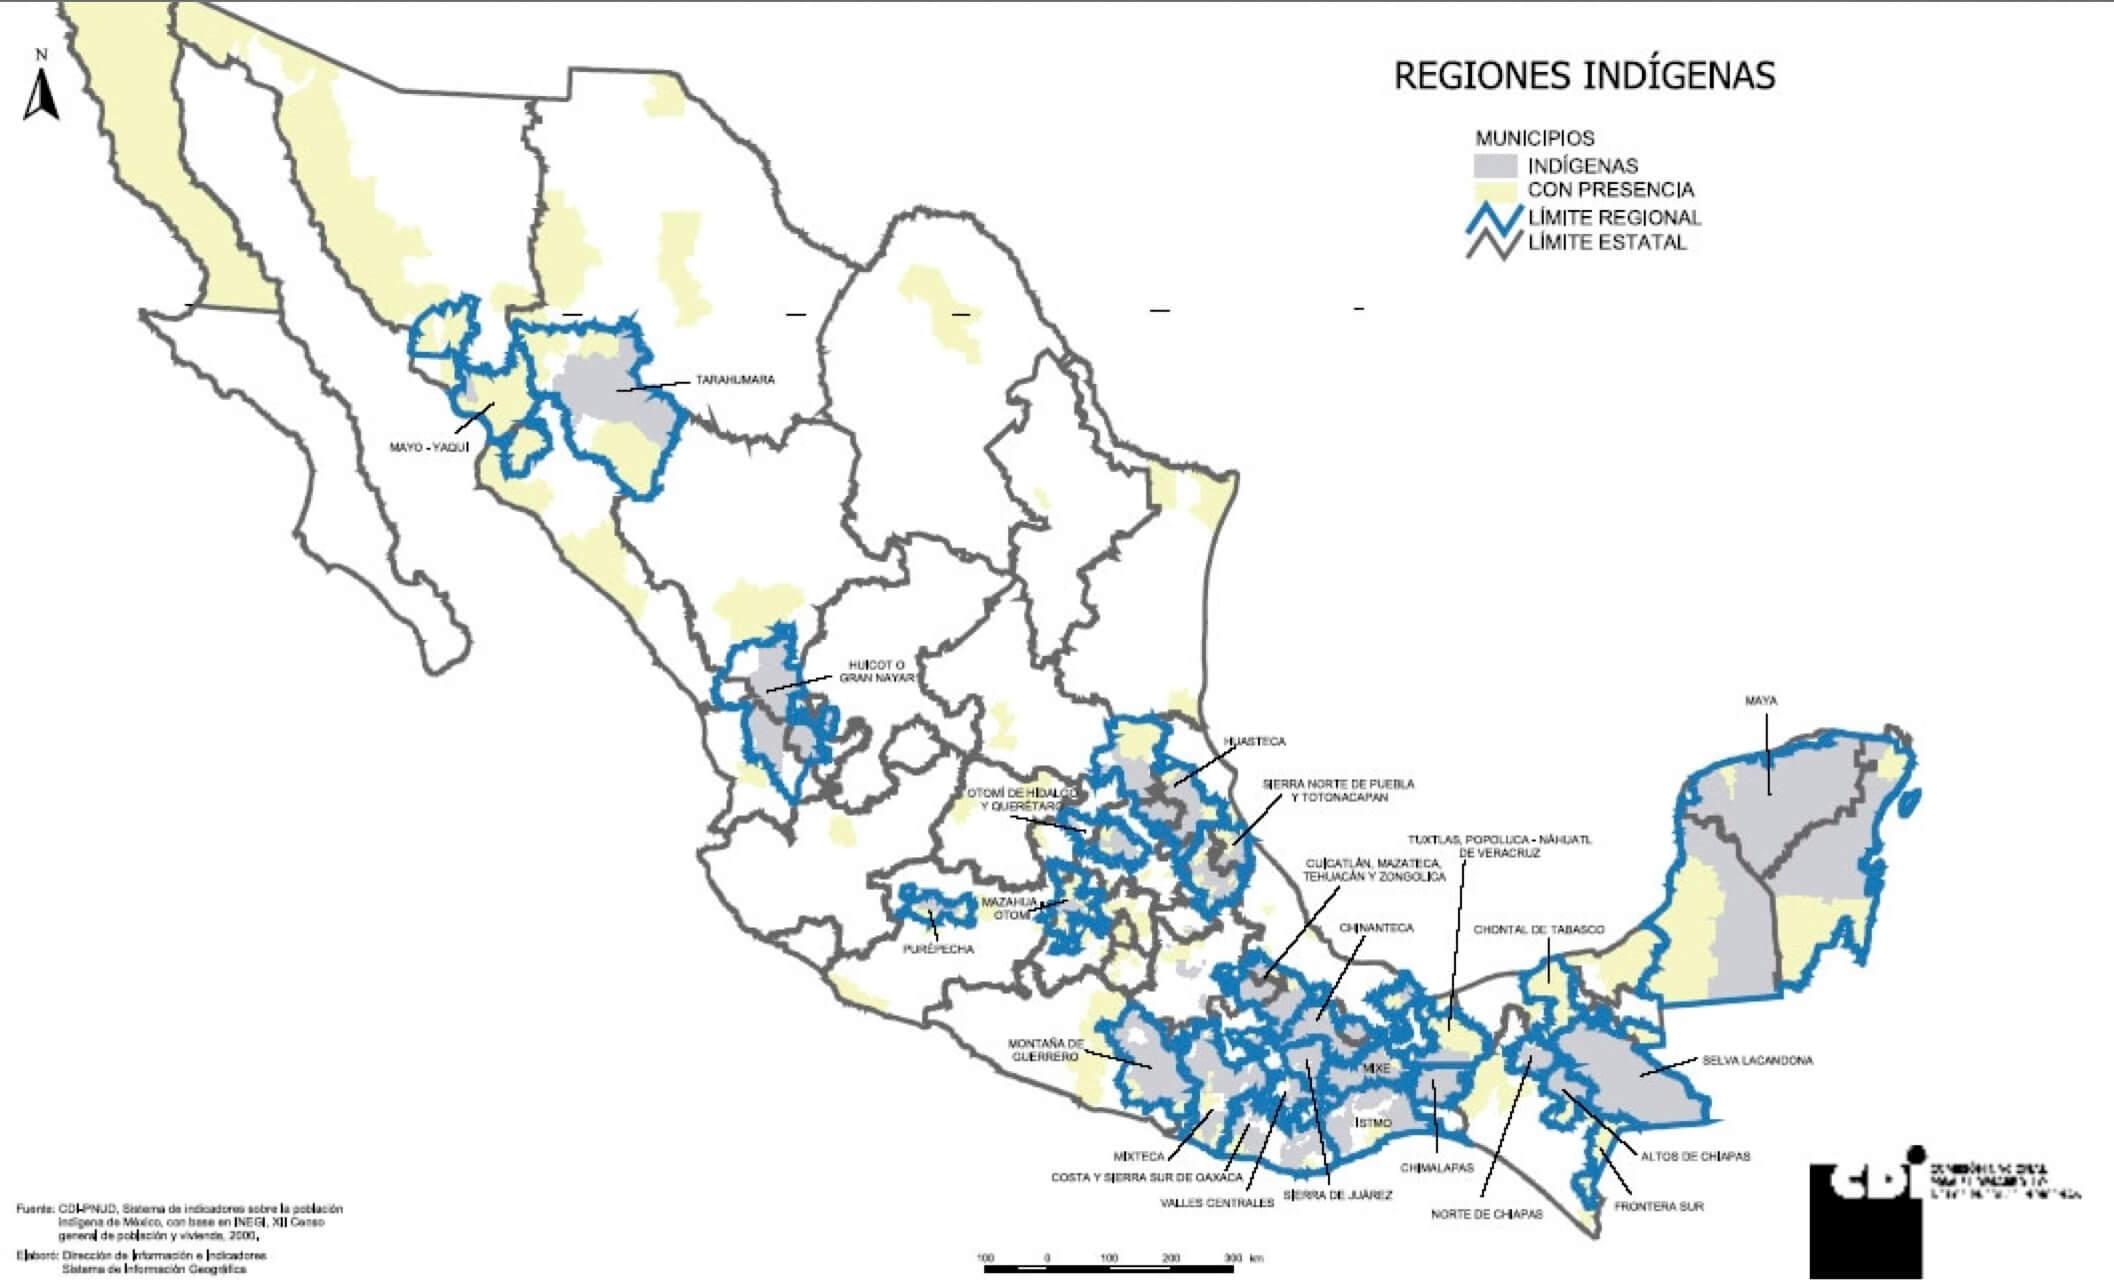 regiones poblacion indigena mexico